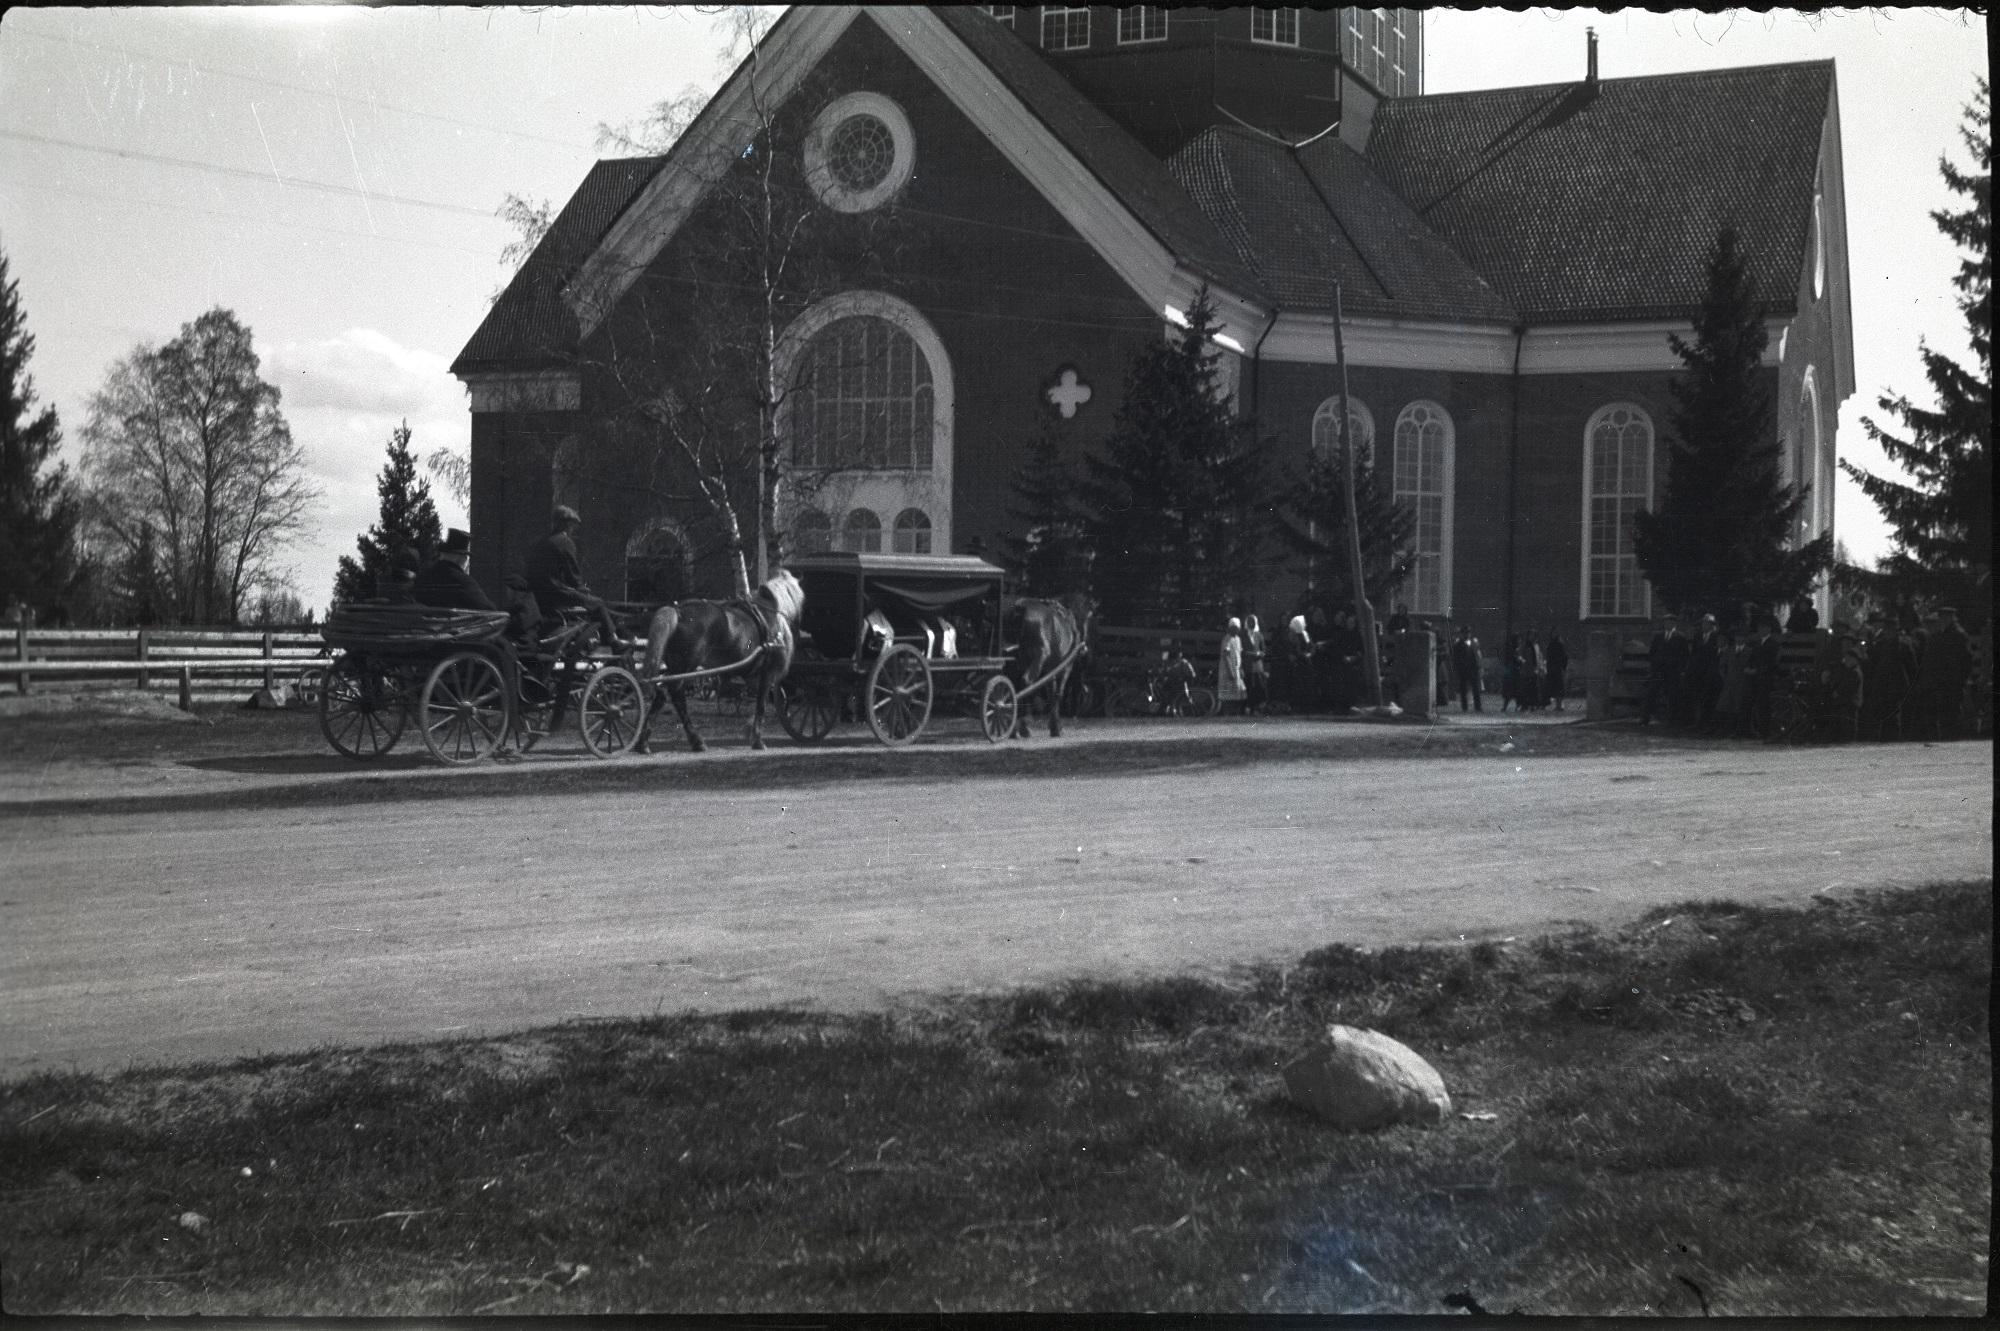 Prosten Lauréns begravning 1928. Likvagnen är en typisk sådan medan trillan som kör bakom är av en ovanligare sort. Längst till vänster syns bommarna där hästarna stod under gudstjänsterna.